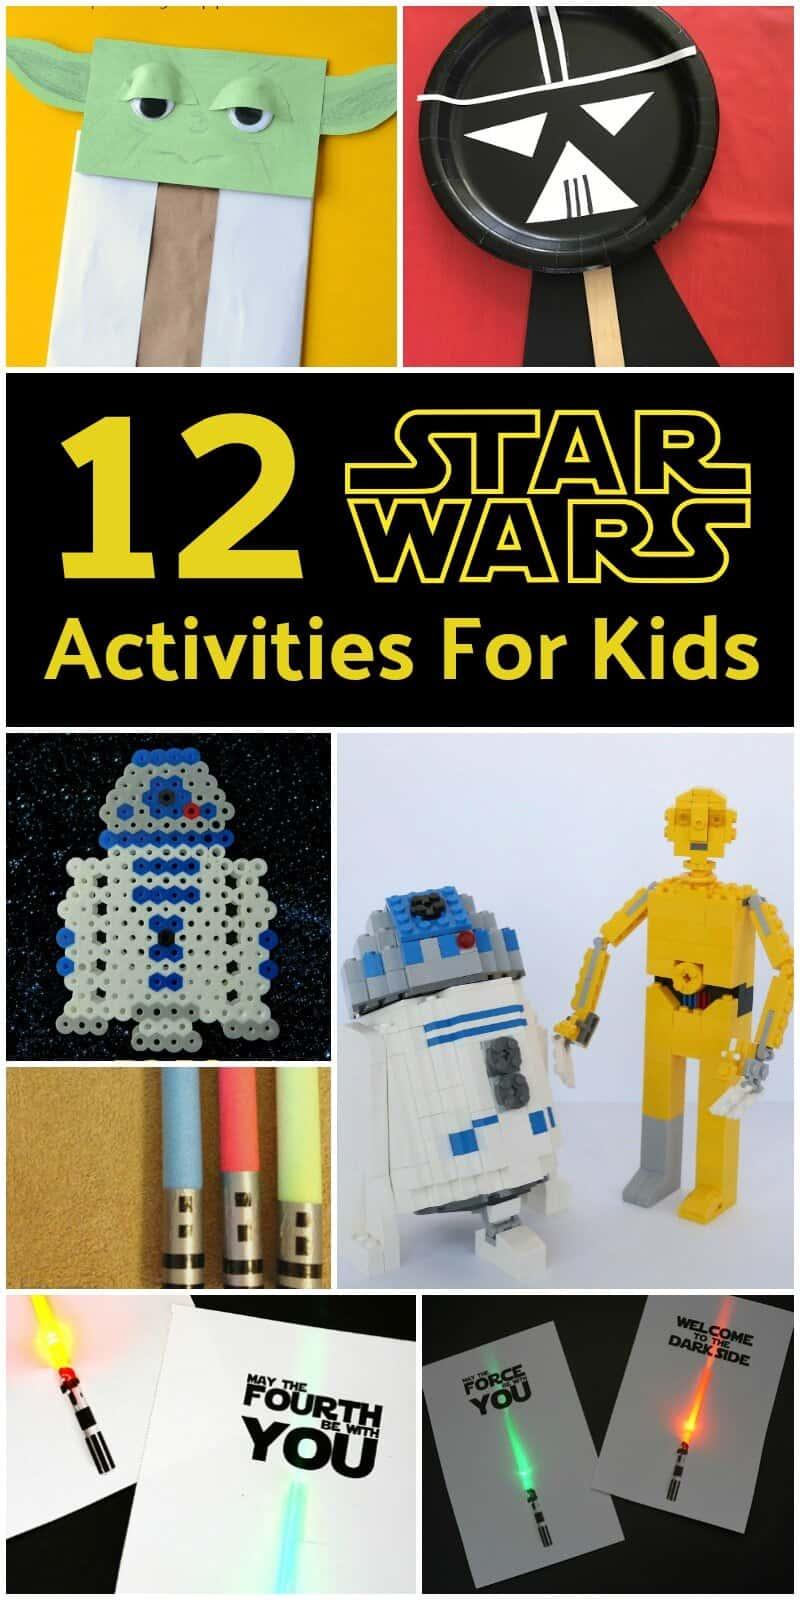 12 Star Wars Activities For Kids